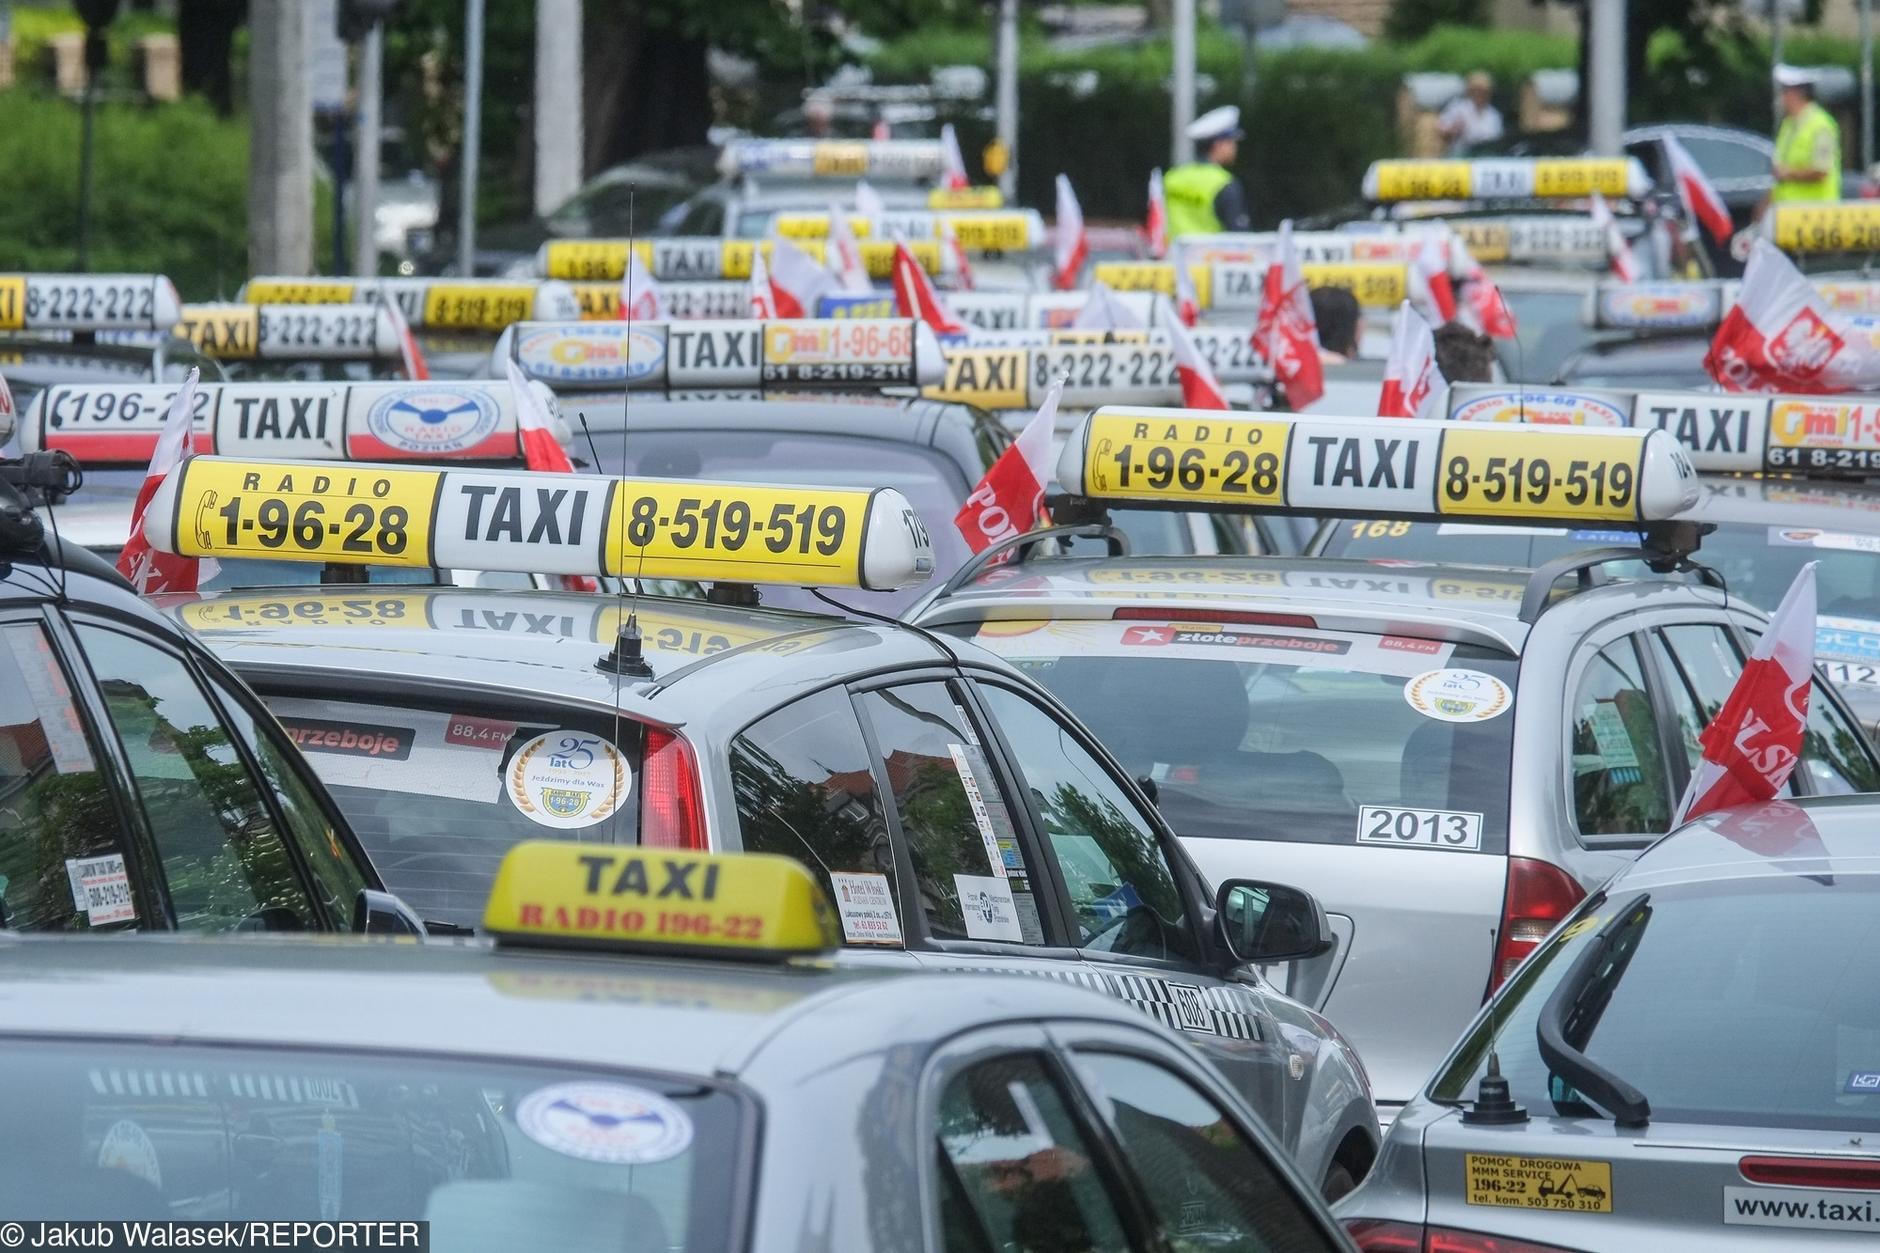 Takswkarze kontra aplikacje. Bitwa o klientw